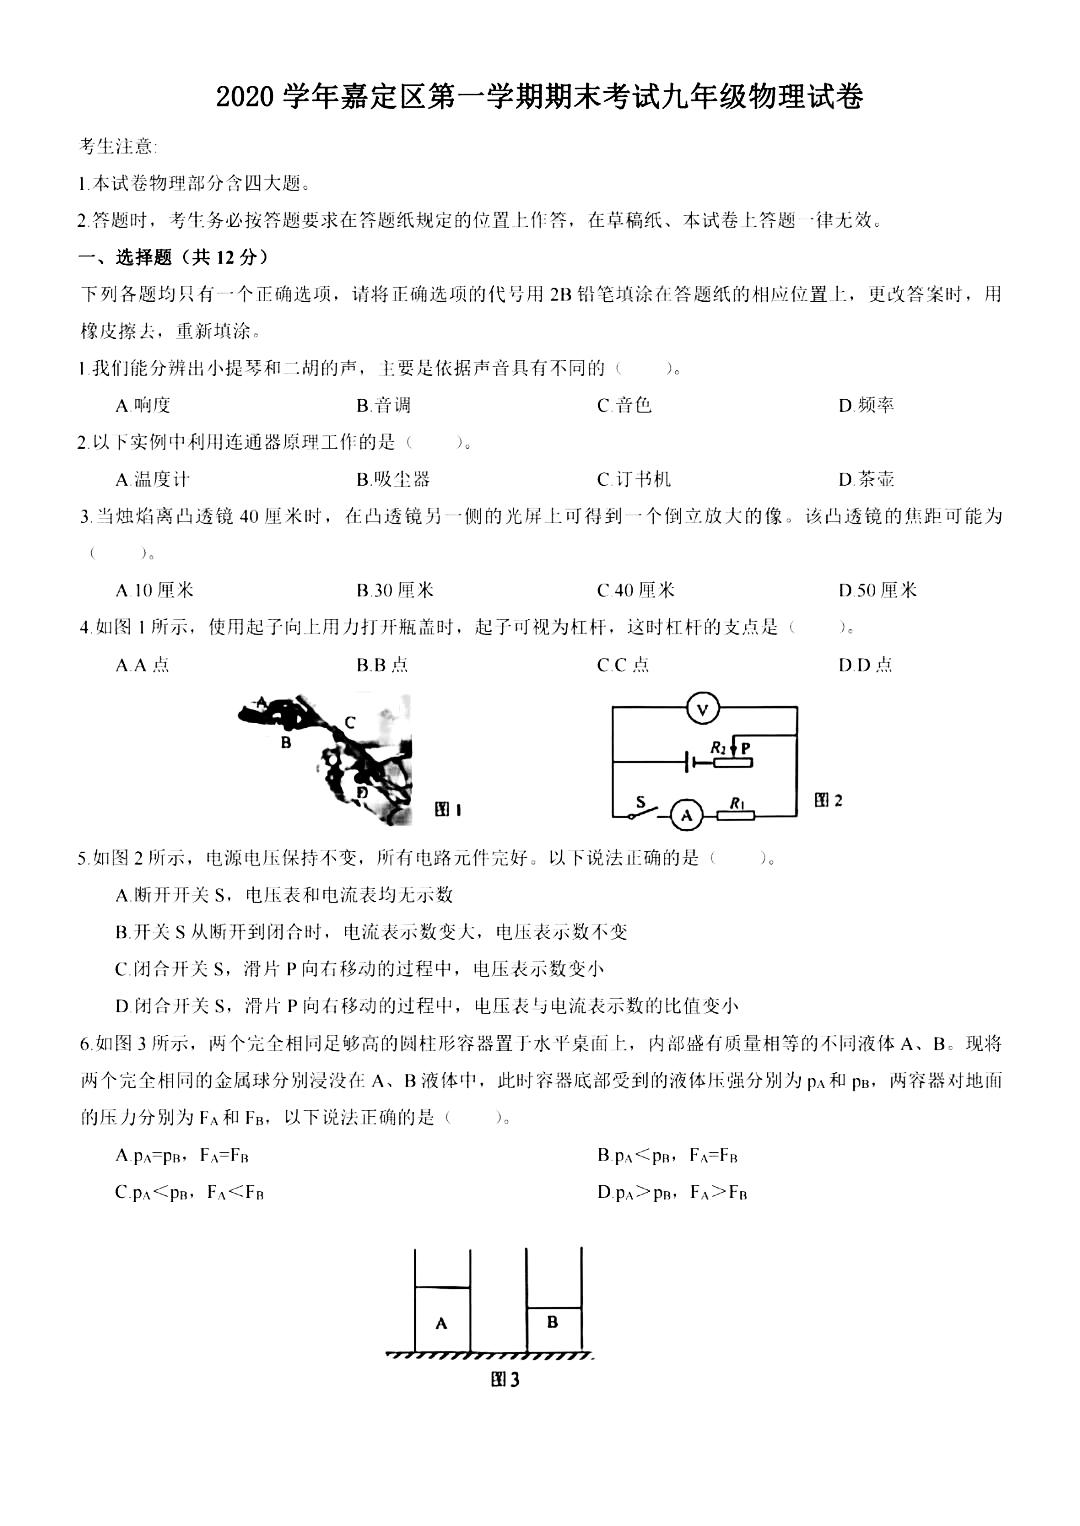 2021上海嘉定一模物理试题及答案(初三期末)